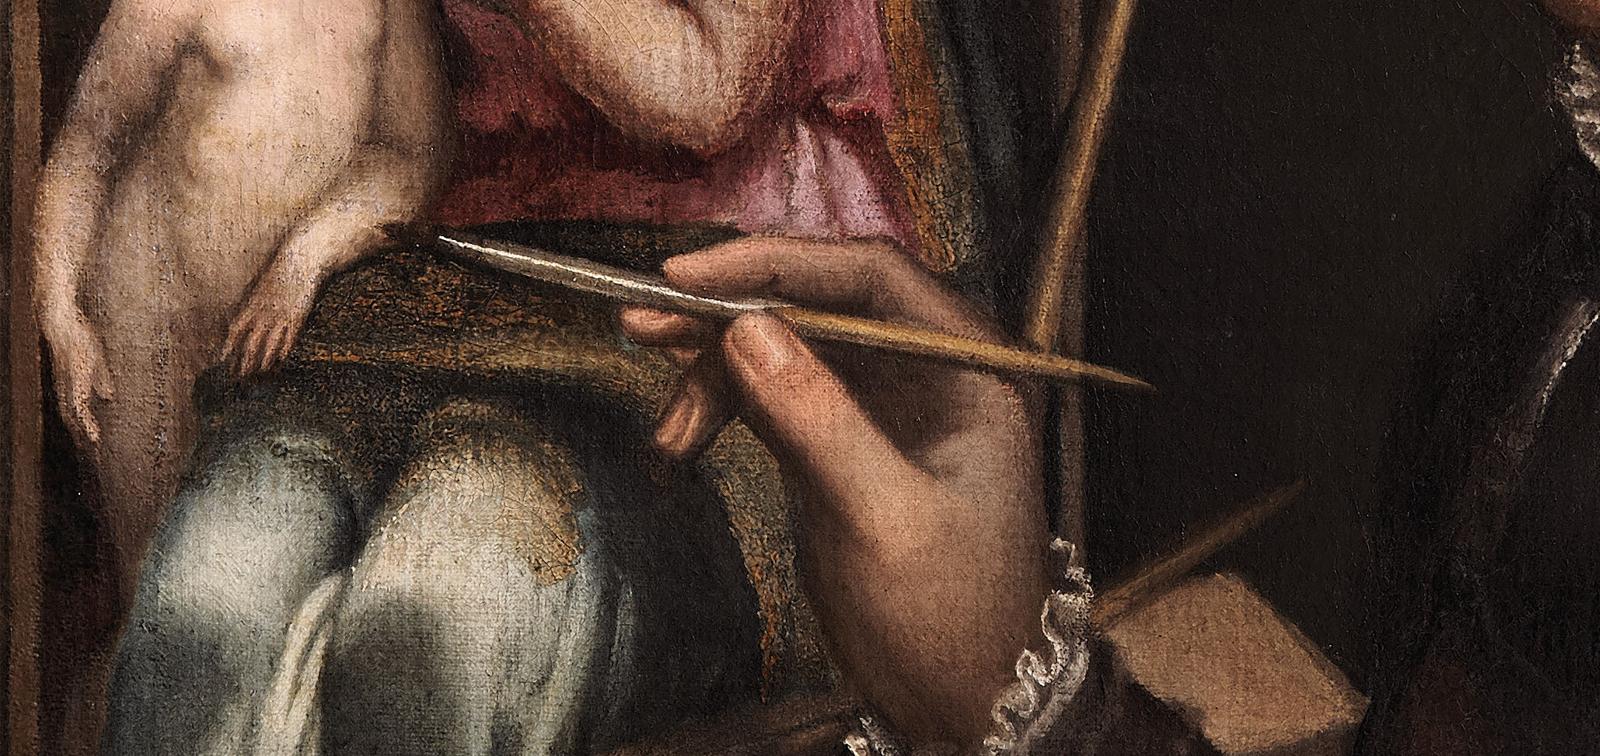 A Tale of Two Women Painters: Sofonisba Anguissola and Lavinia Fontana